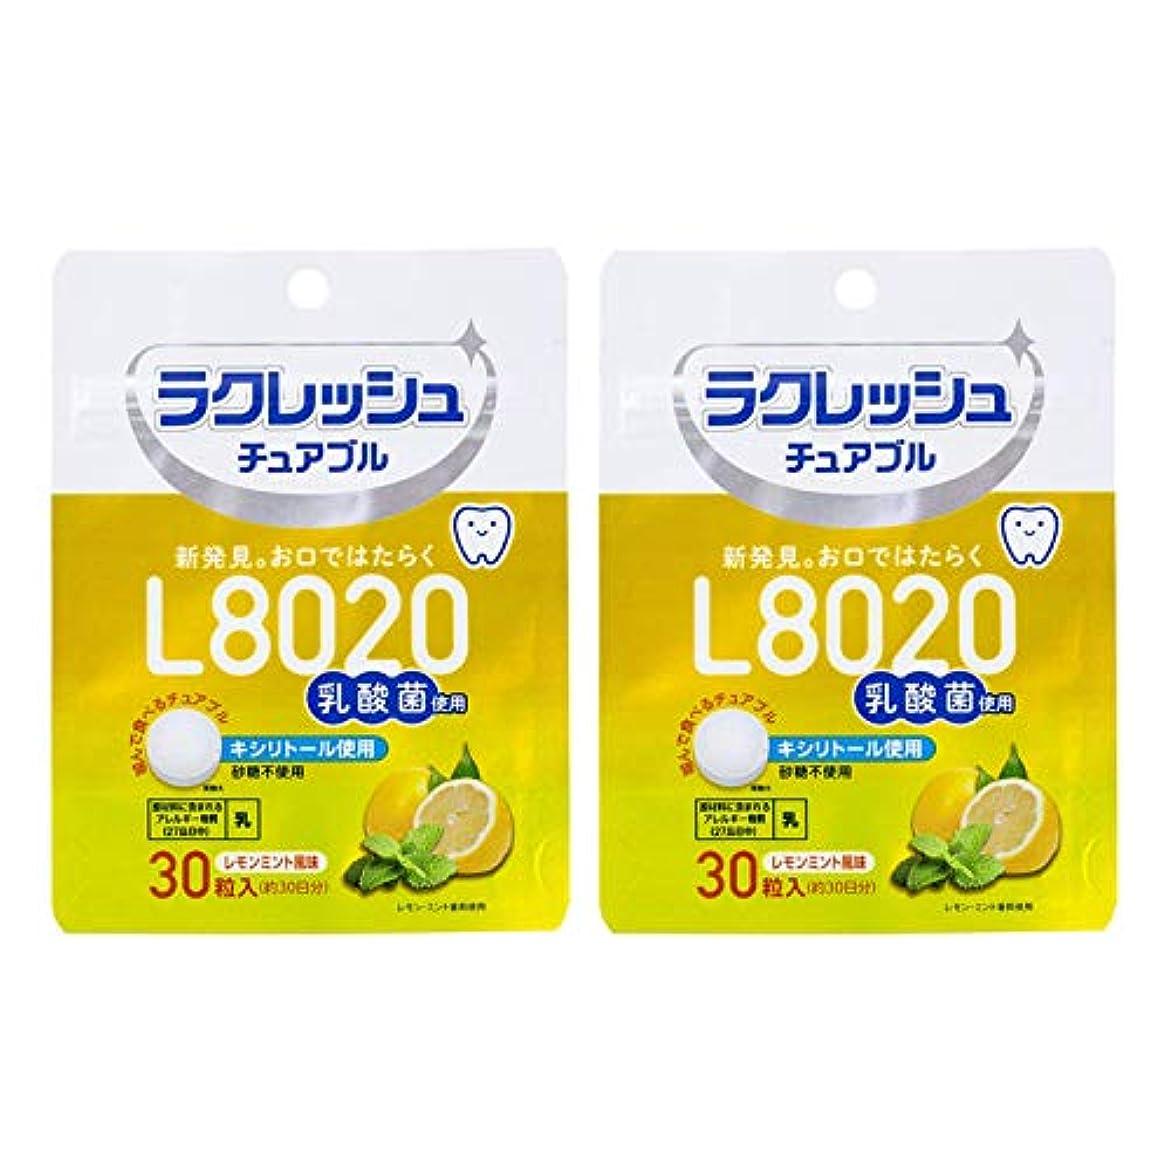 フラスコインサート無傷ラクレッシュ L8020 乳酸菌 チュアブル レモンミント風味 オーラルケア 30粒入×2袋